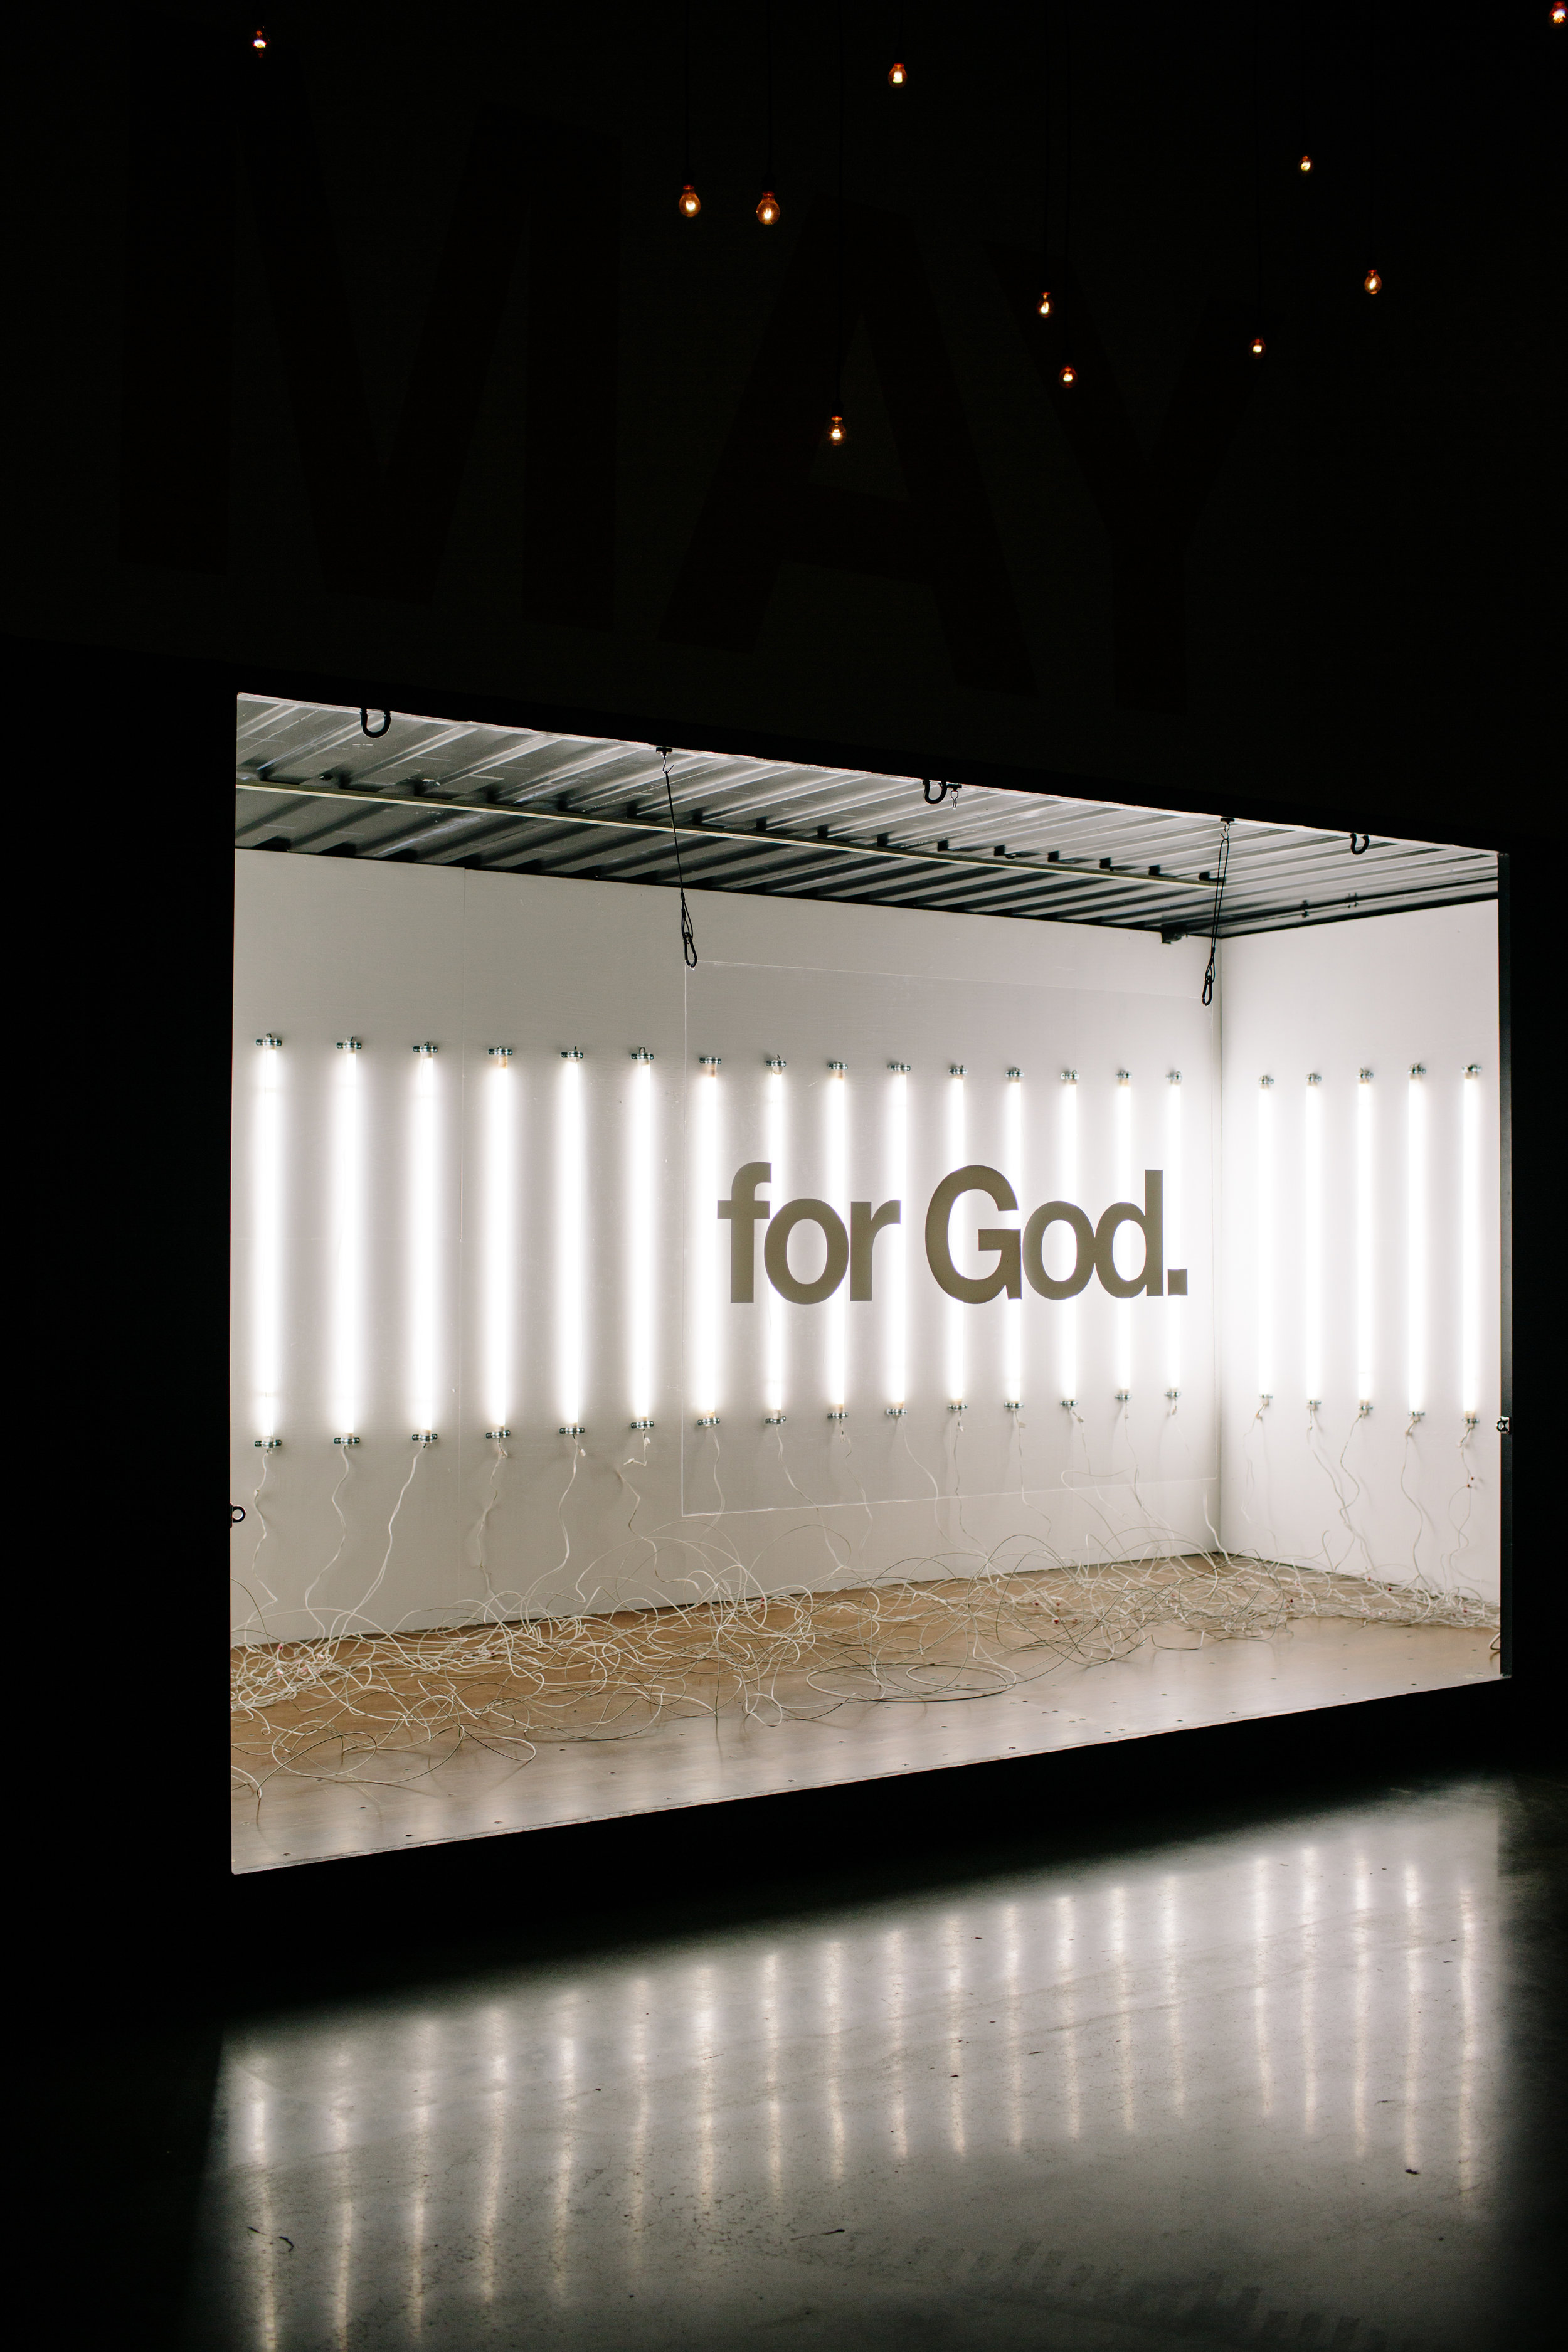 bb_for God-9996.jpg